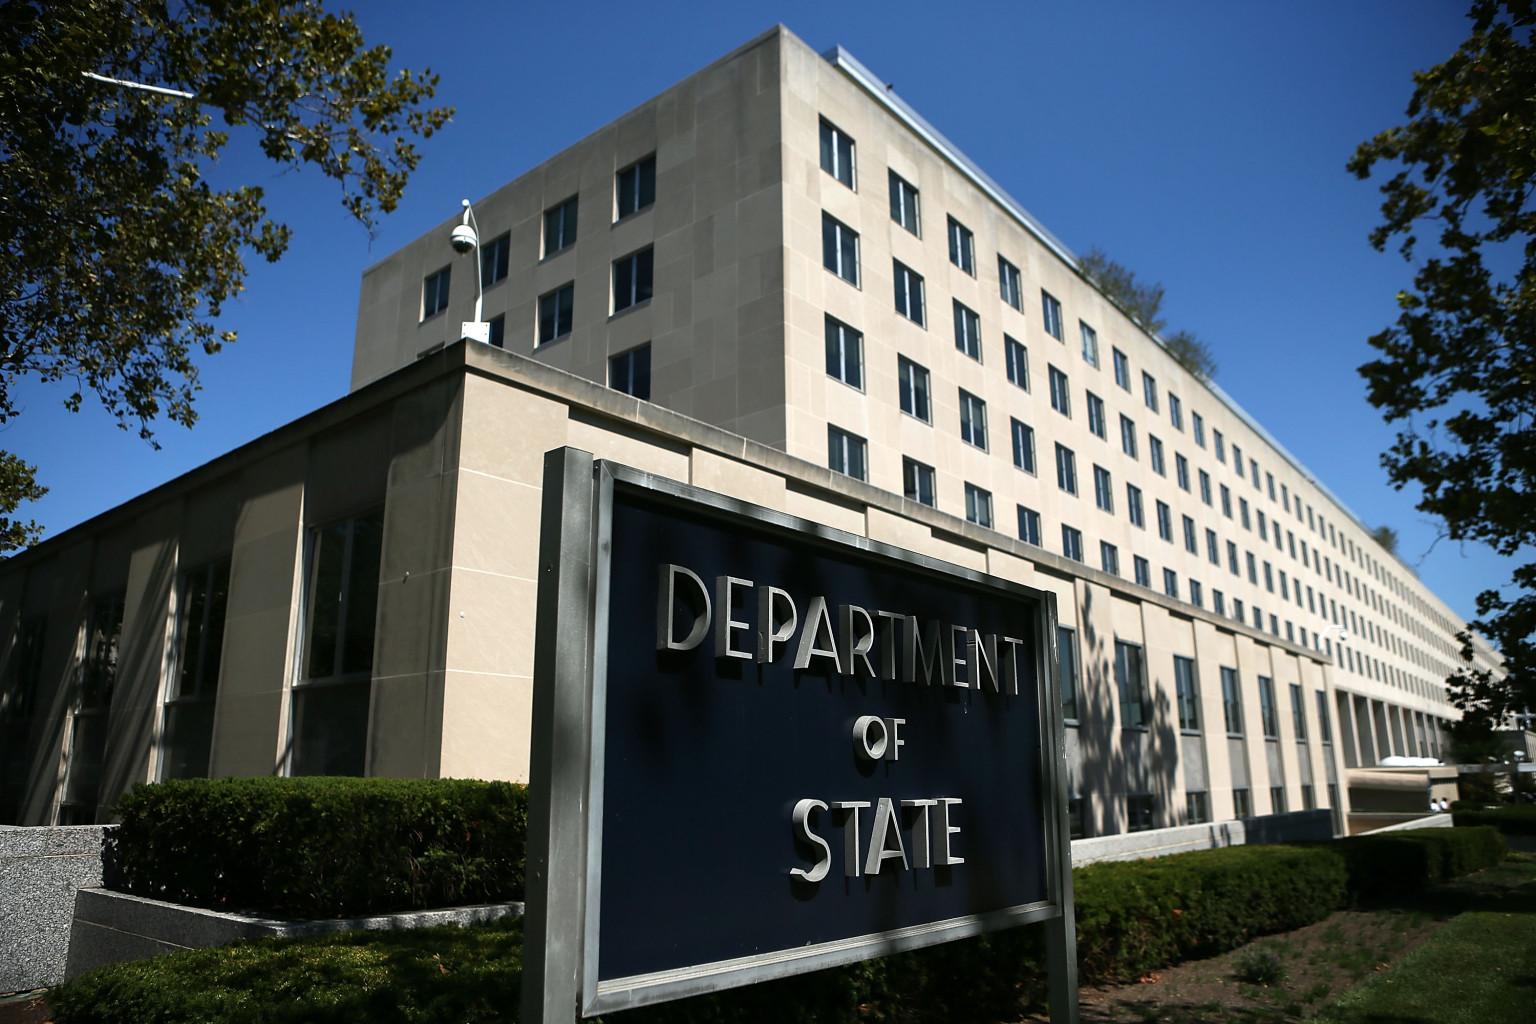 Departamenti amerikan i Shtetit konfirmon vdekjen e zyrtarit të parë nga koronavirusi